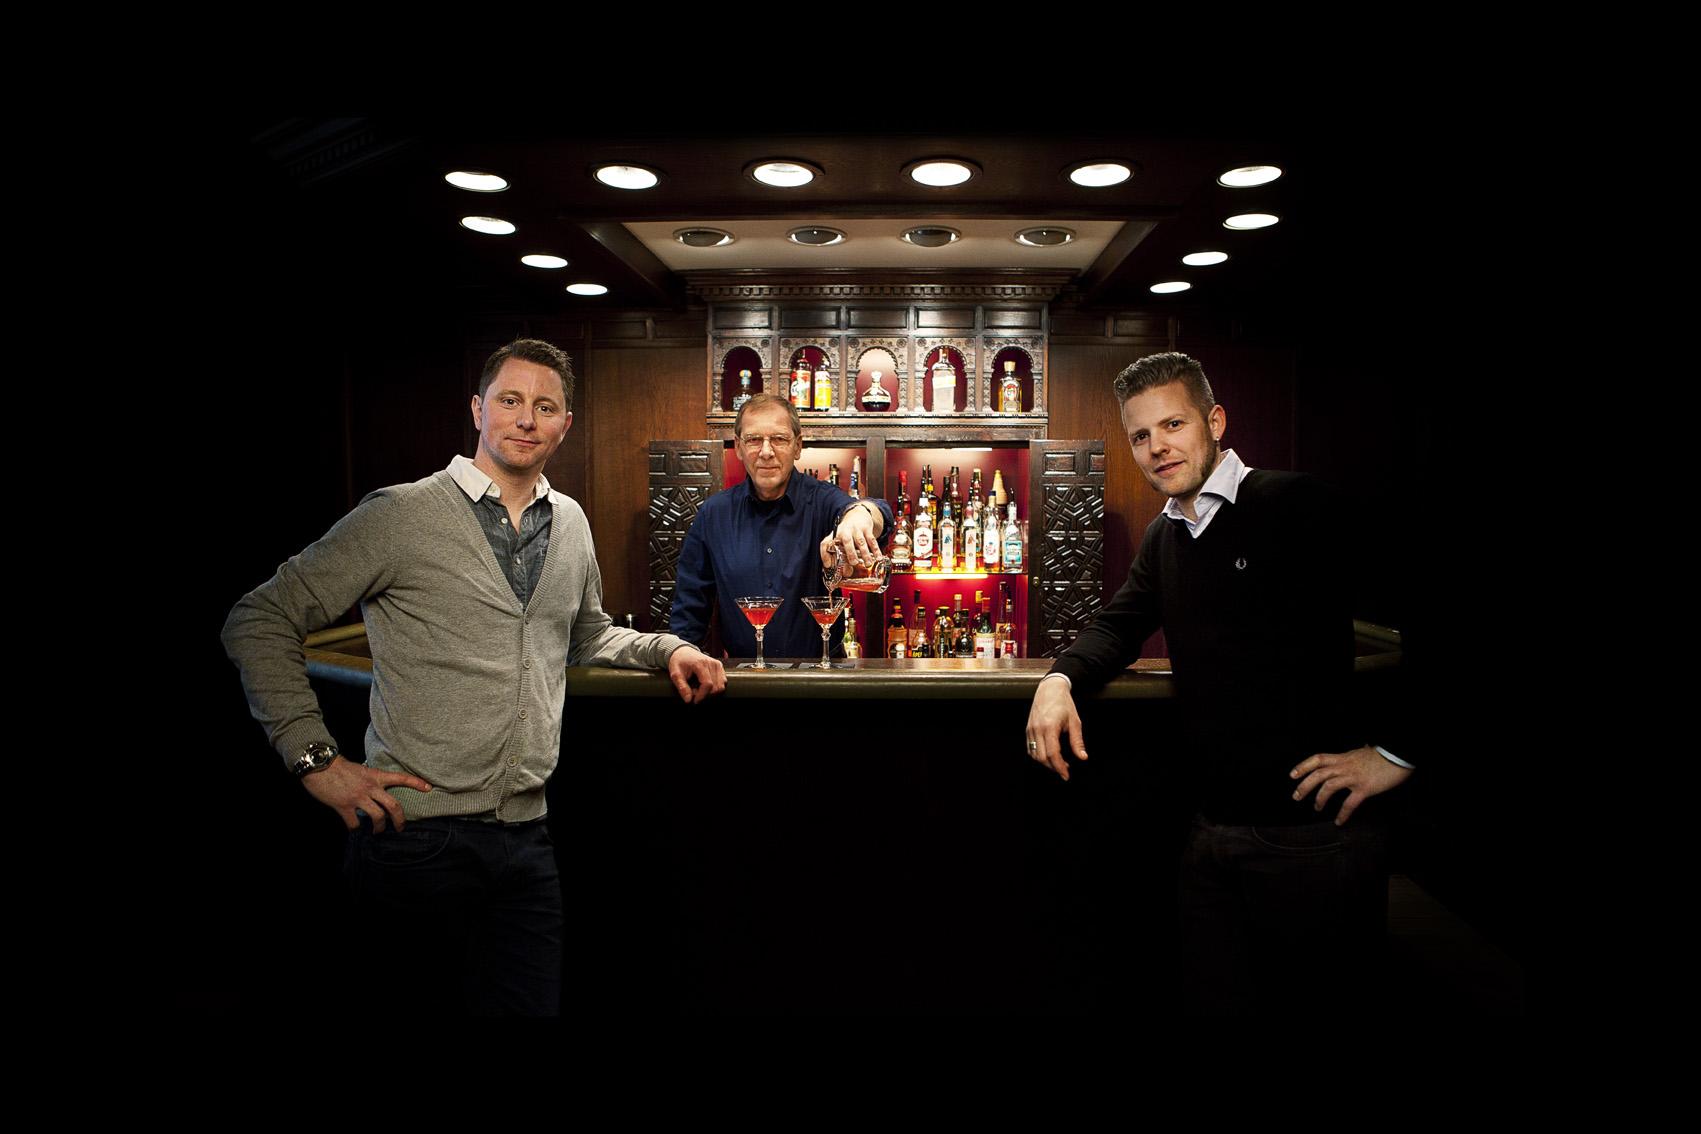 Velkommen til gode løjer og drinks - Copenhagen Spirits and Cocktails er landets første.